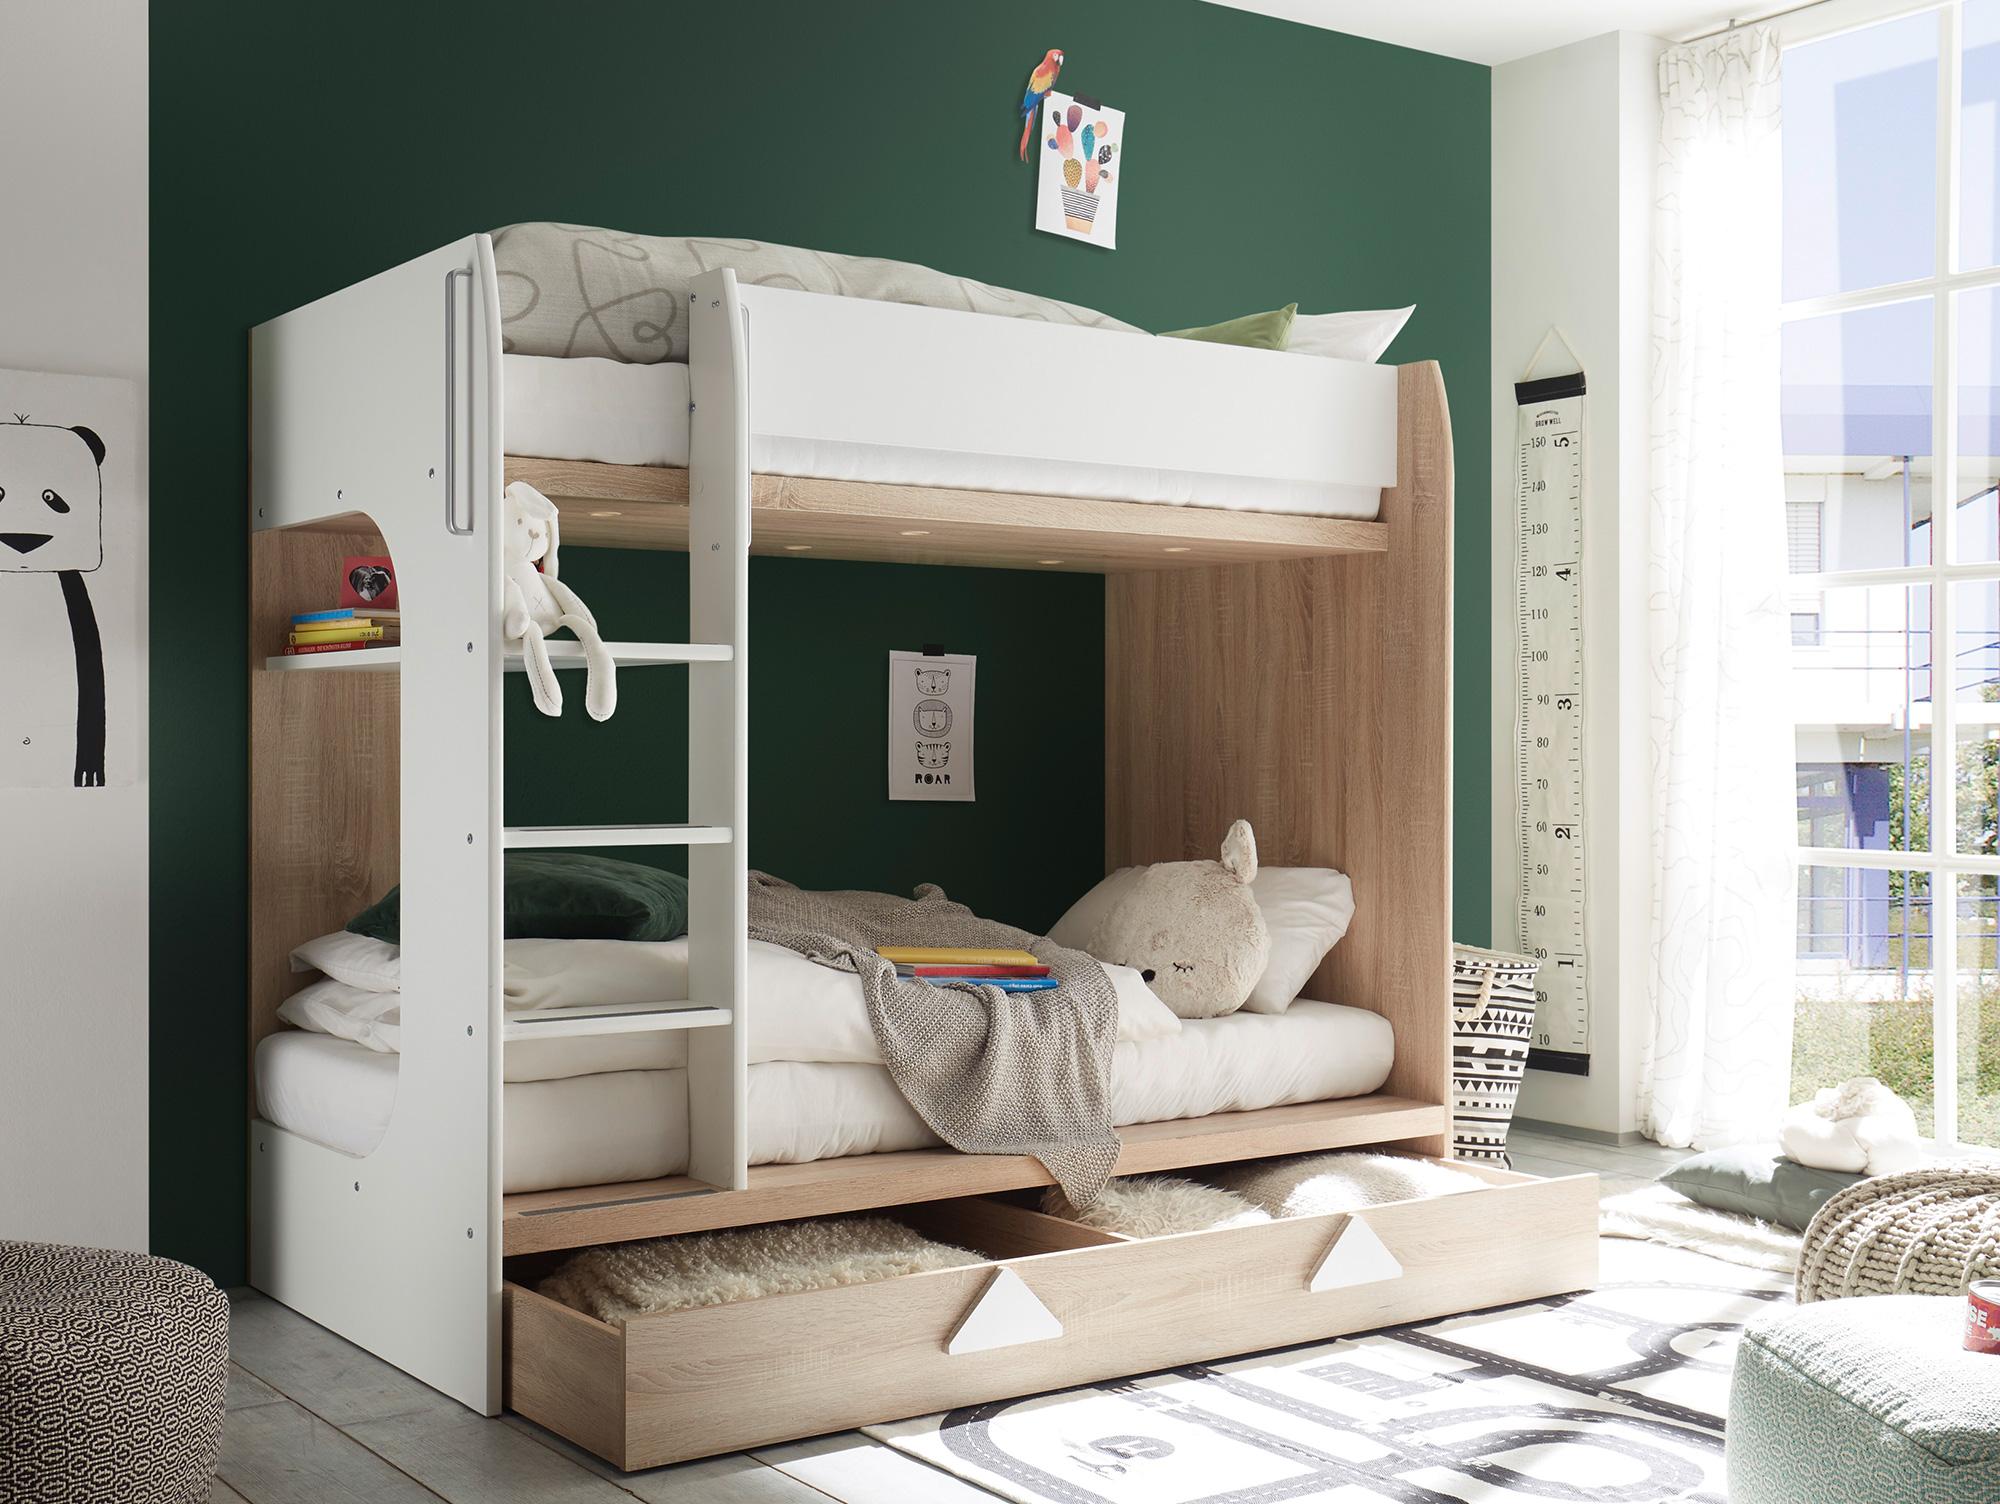 Etagenbett Gute Qualität : Etagenbett stockbett gemini cm mit ohne matratzen